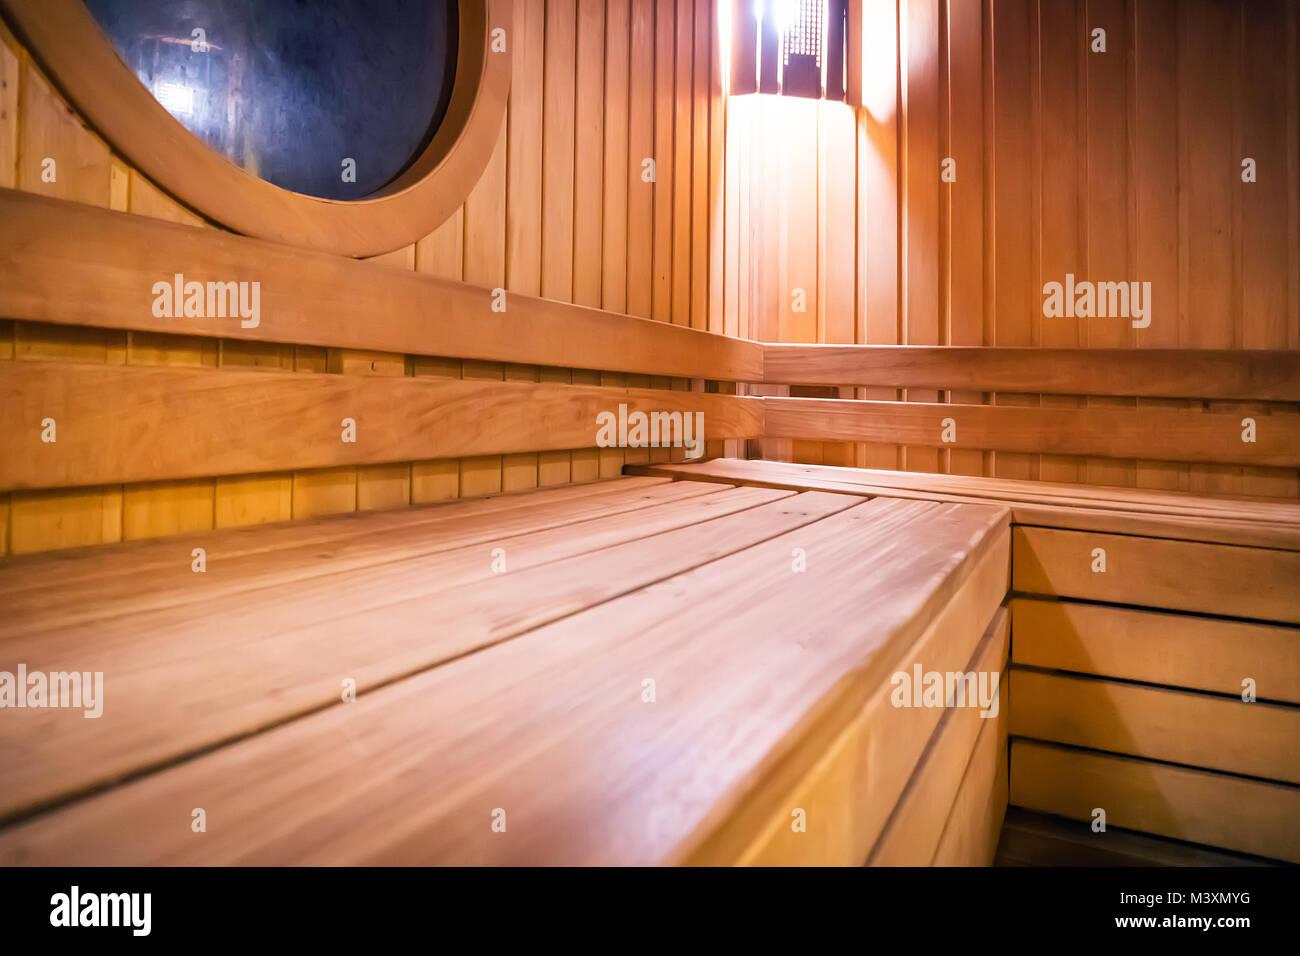 Holz- russische Badehaus sauna Bänke im Krankenhaus Aufenthaltsraum ...